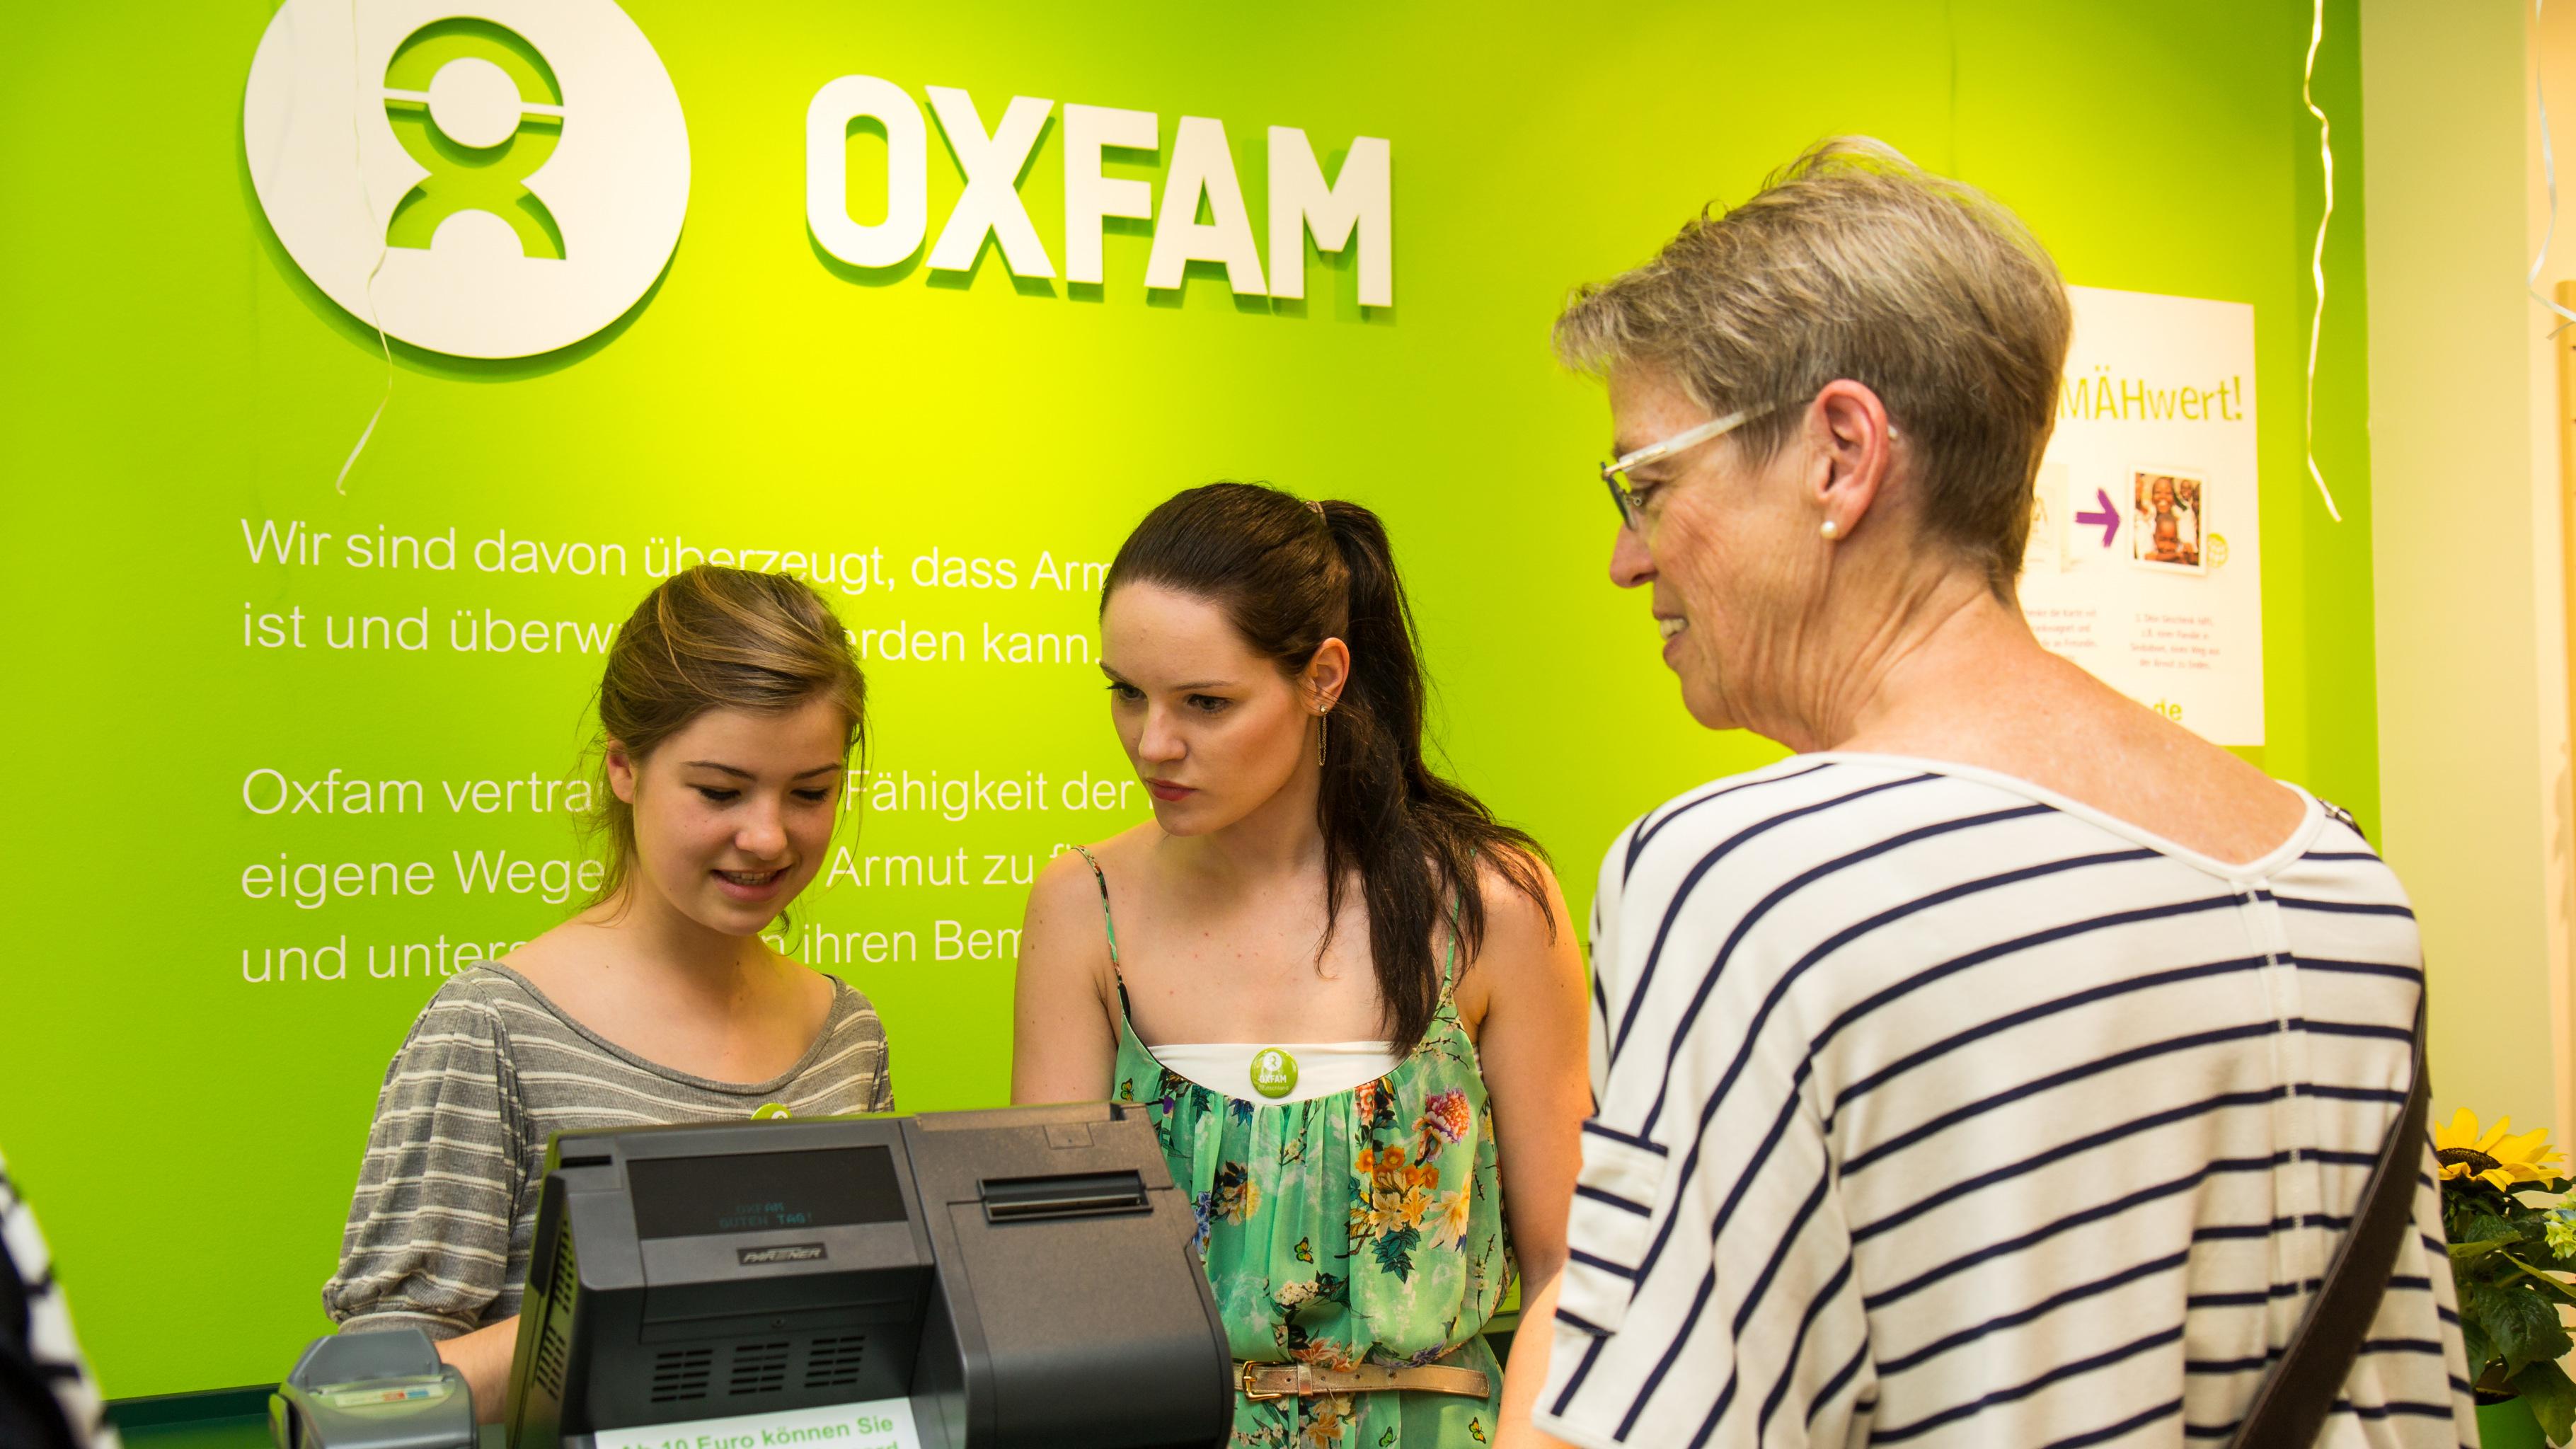 Oxfam Fashionshop Hamburg-Ottensen - Ehrenamtliche